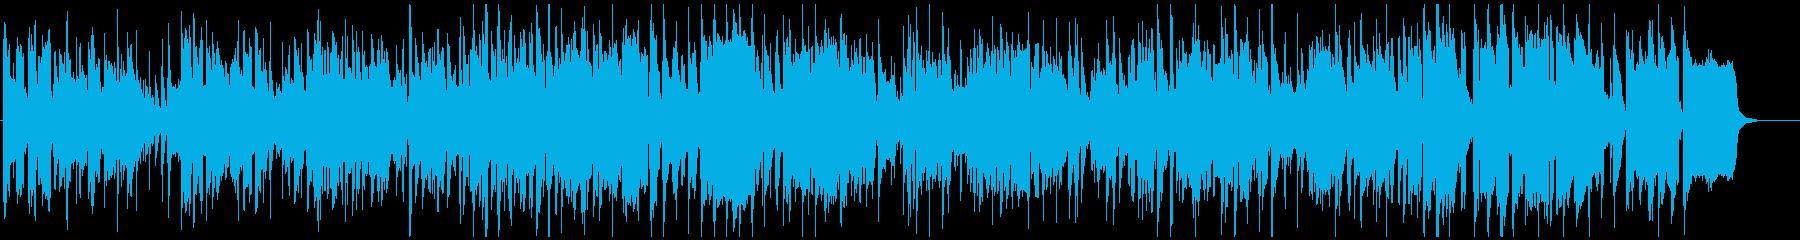 ウキウキするサックス生演奏ジャズファンクの再生済みの波形